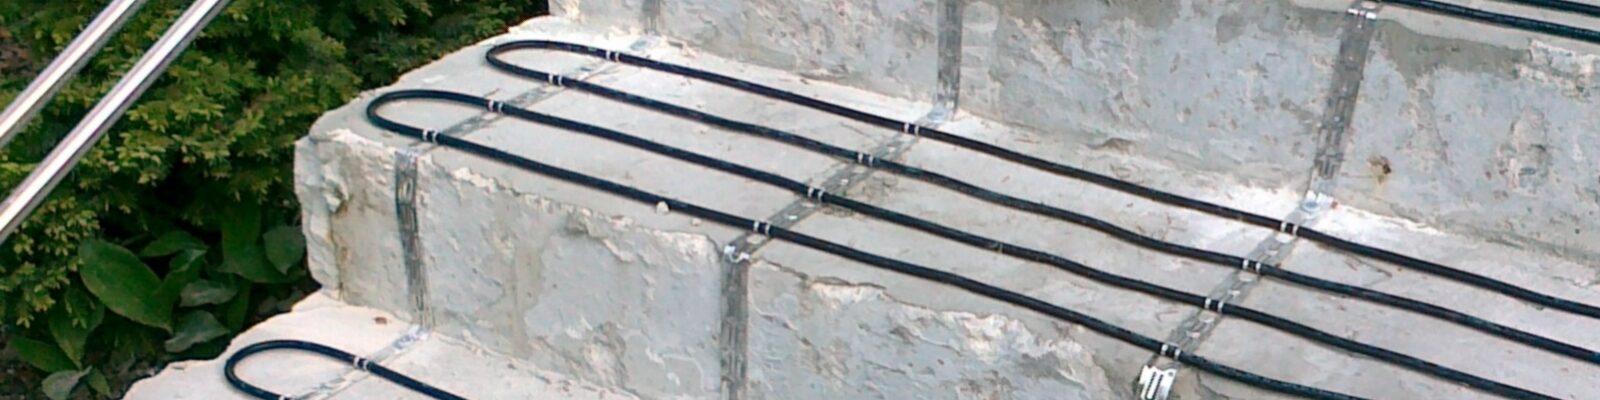 schody-montaż-1600x400